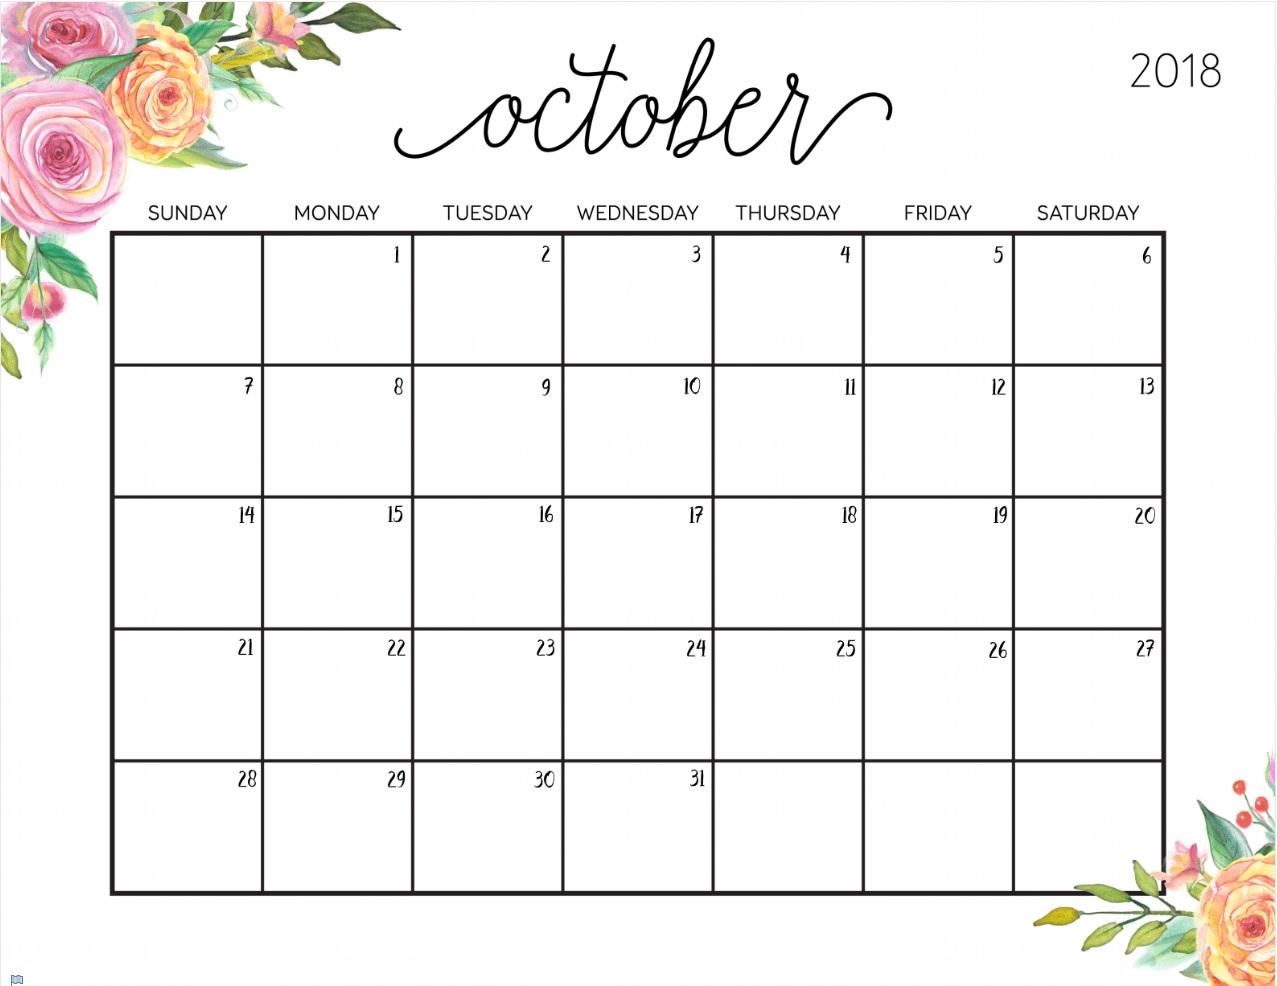 October 2018 Calendar Spanish